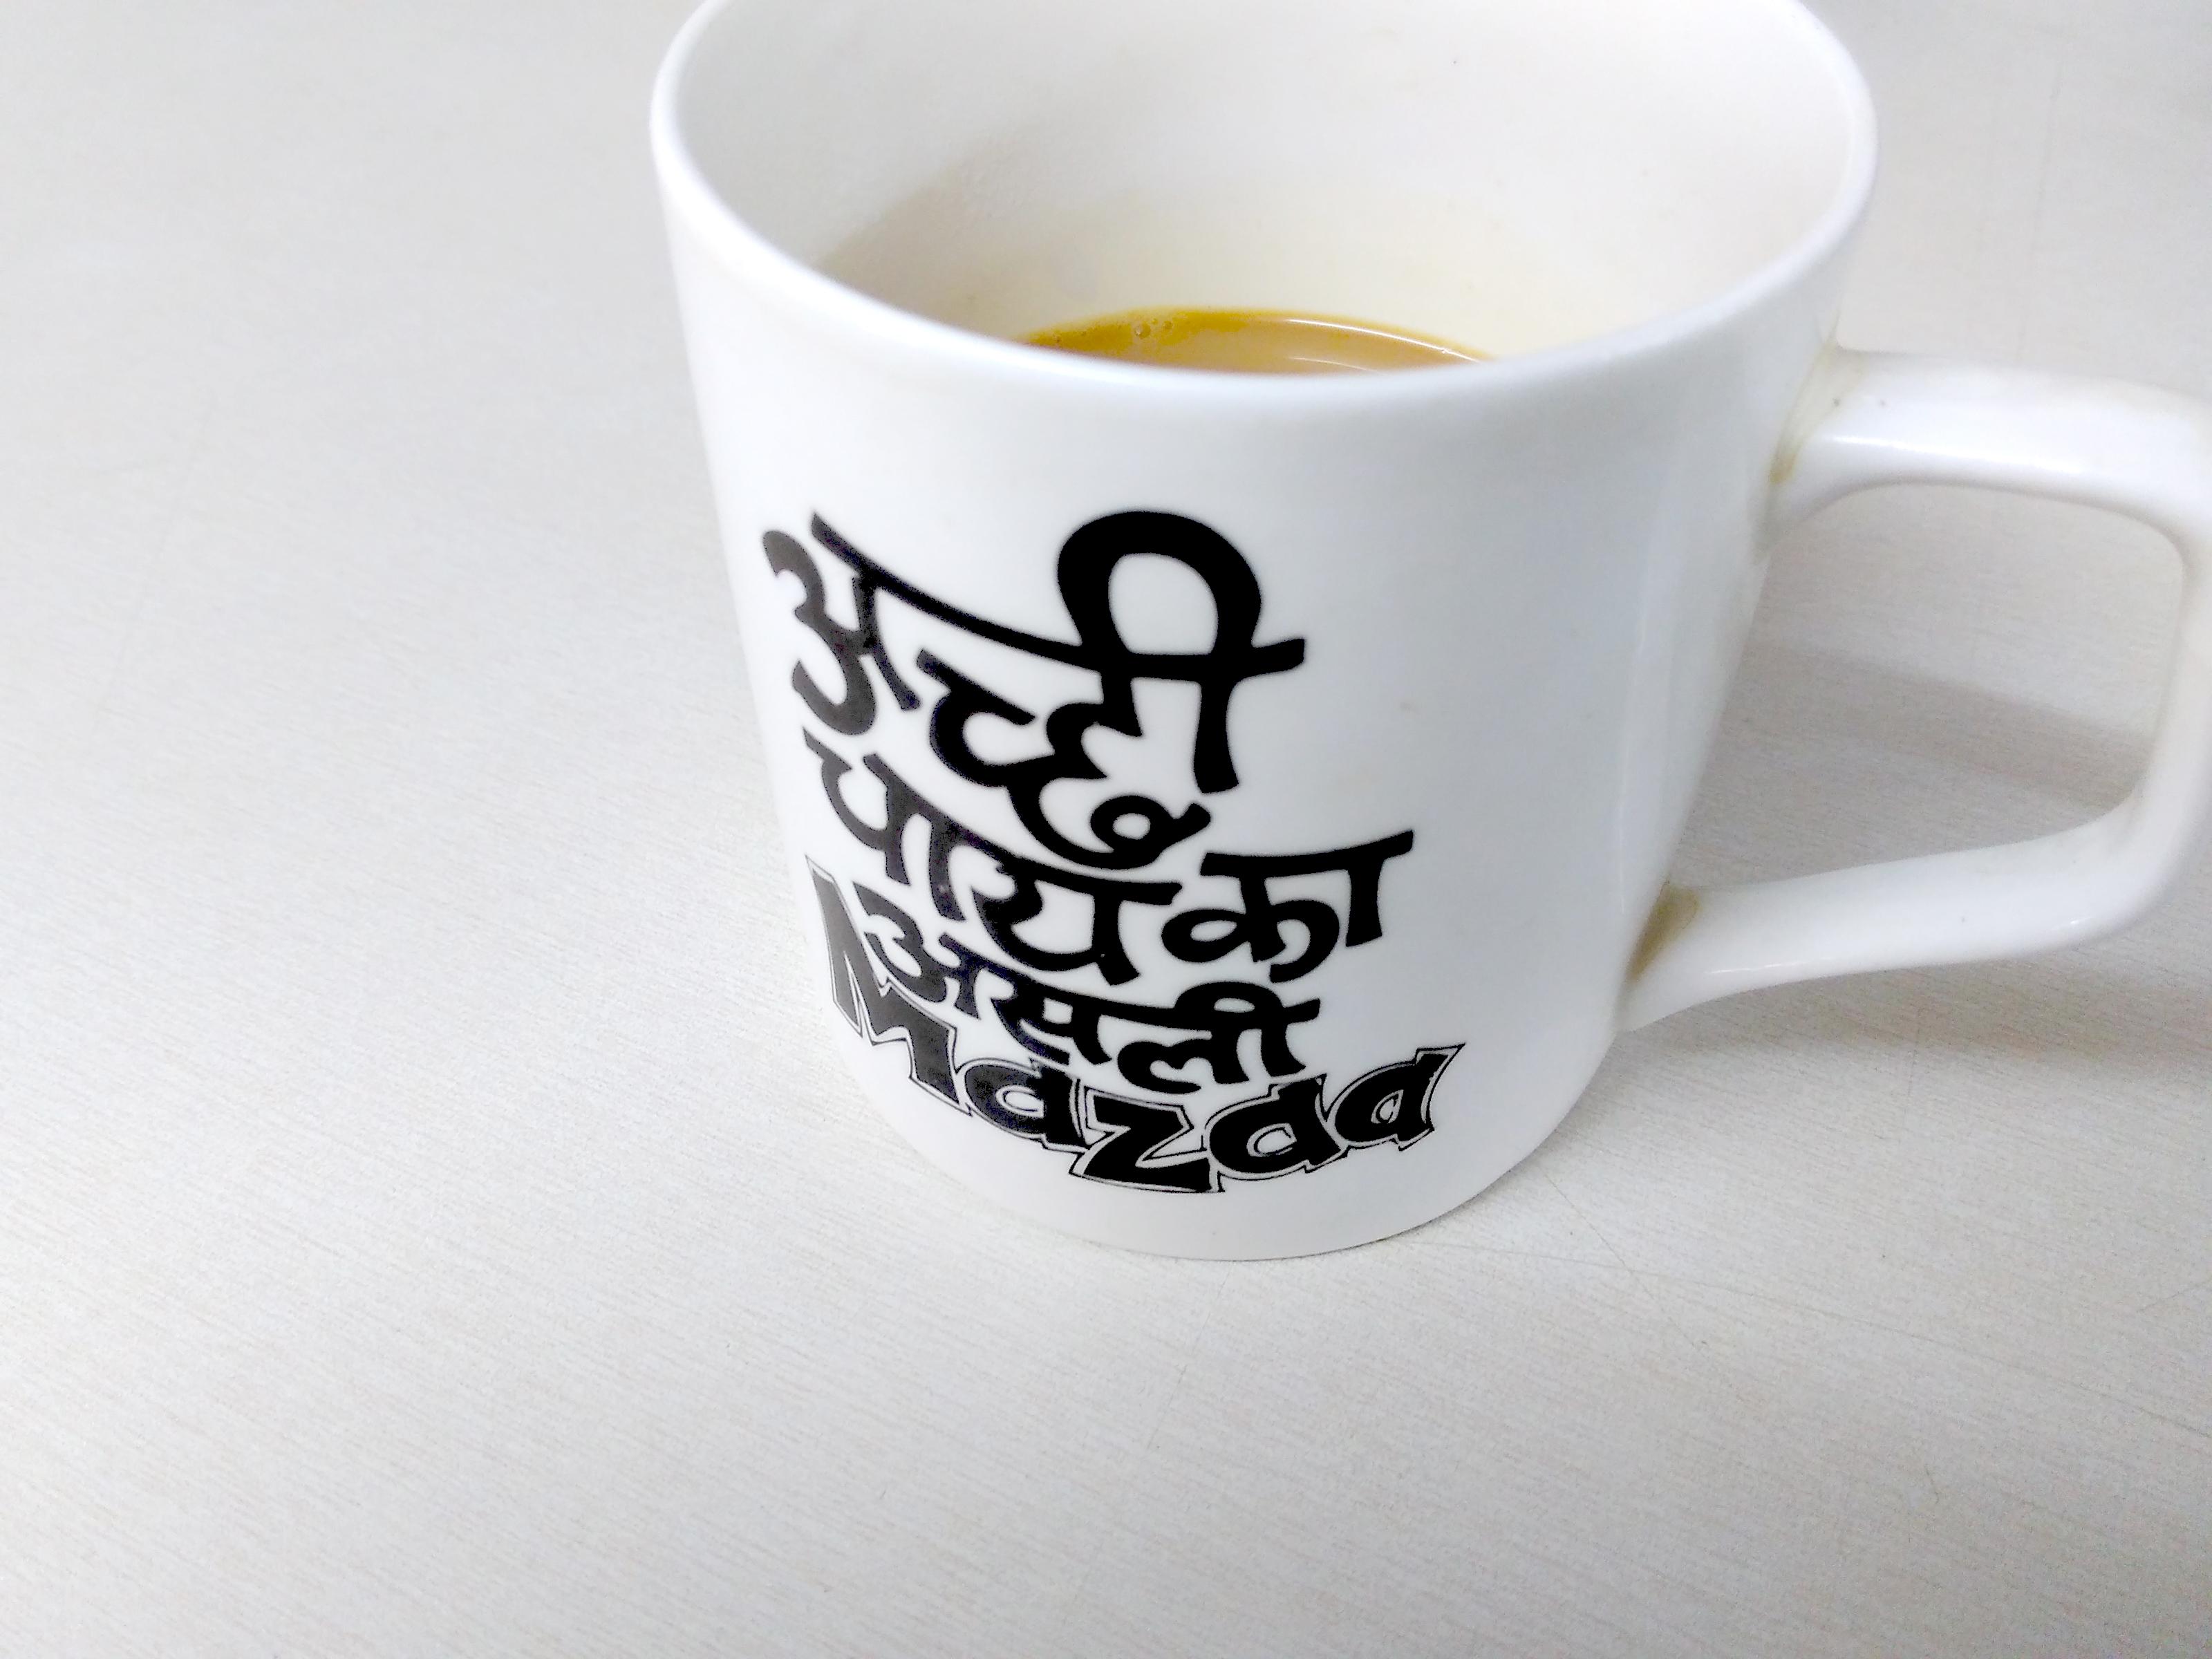 Citaten Kunst Free : Gratis stockfoto van asli chai beker kunst citaat